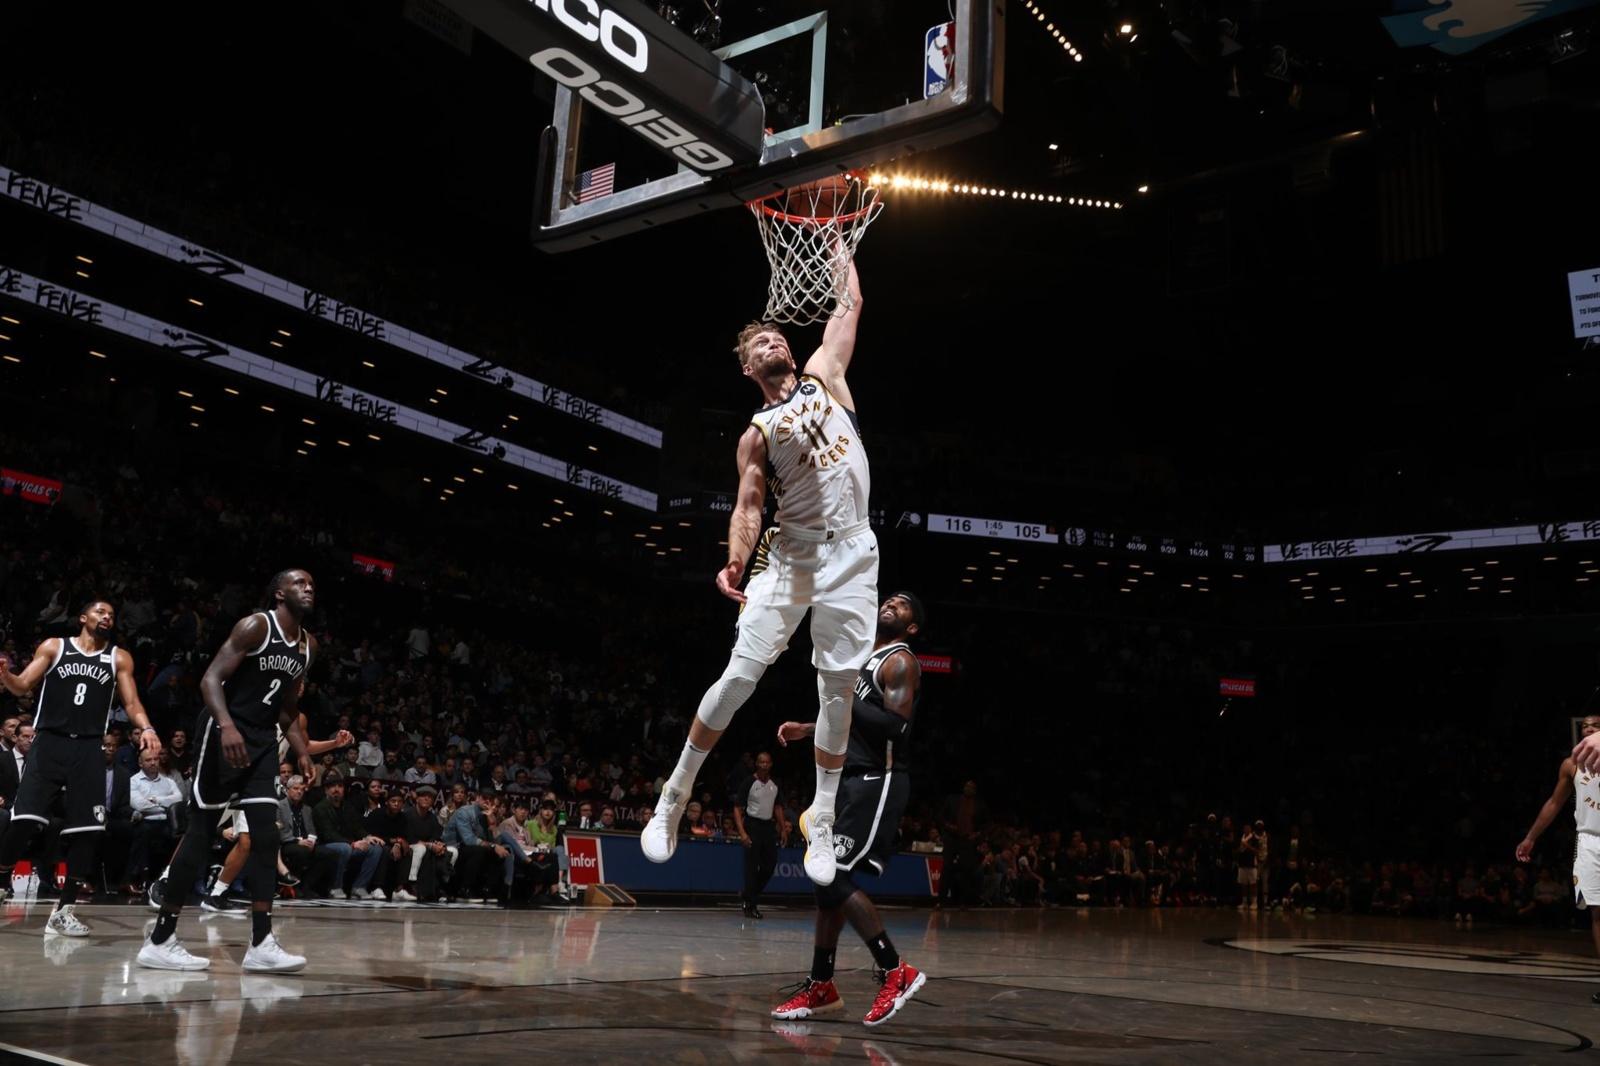 Krepšininkas D. Sabonis dėl traumos praleido NBA rungtynes